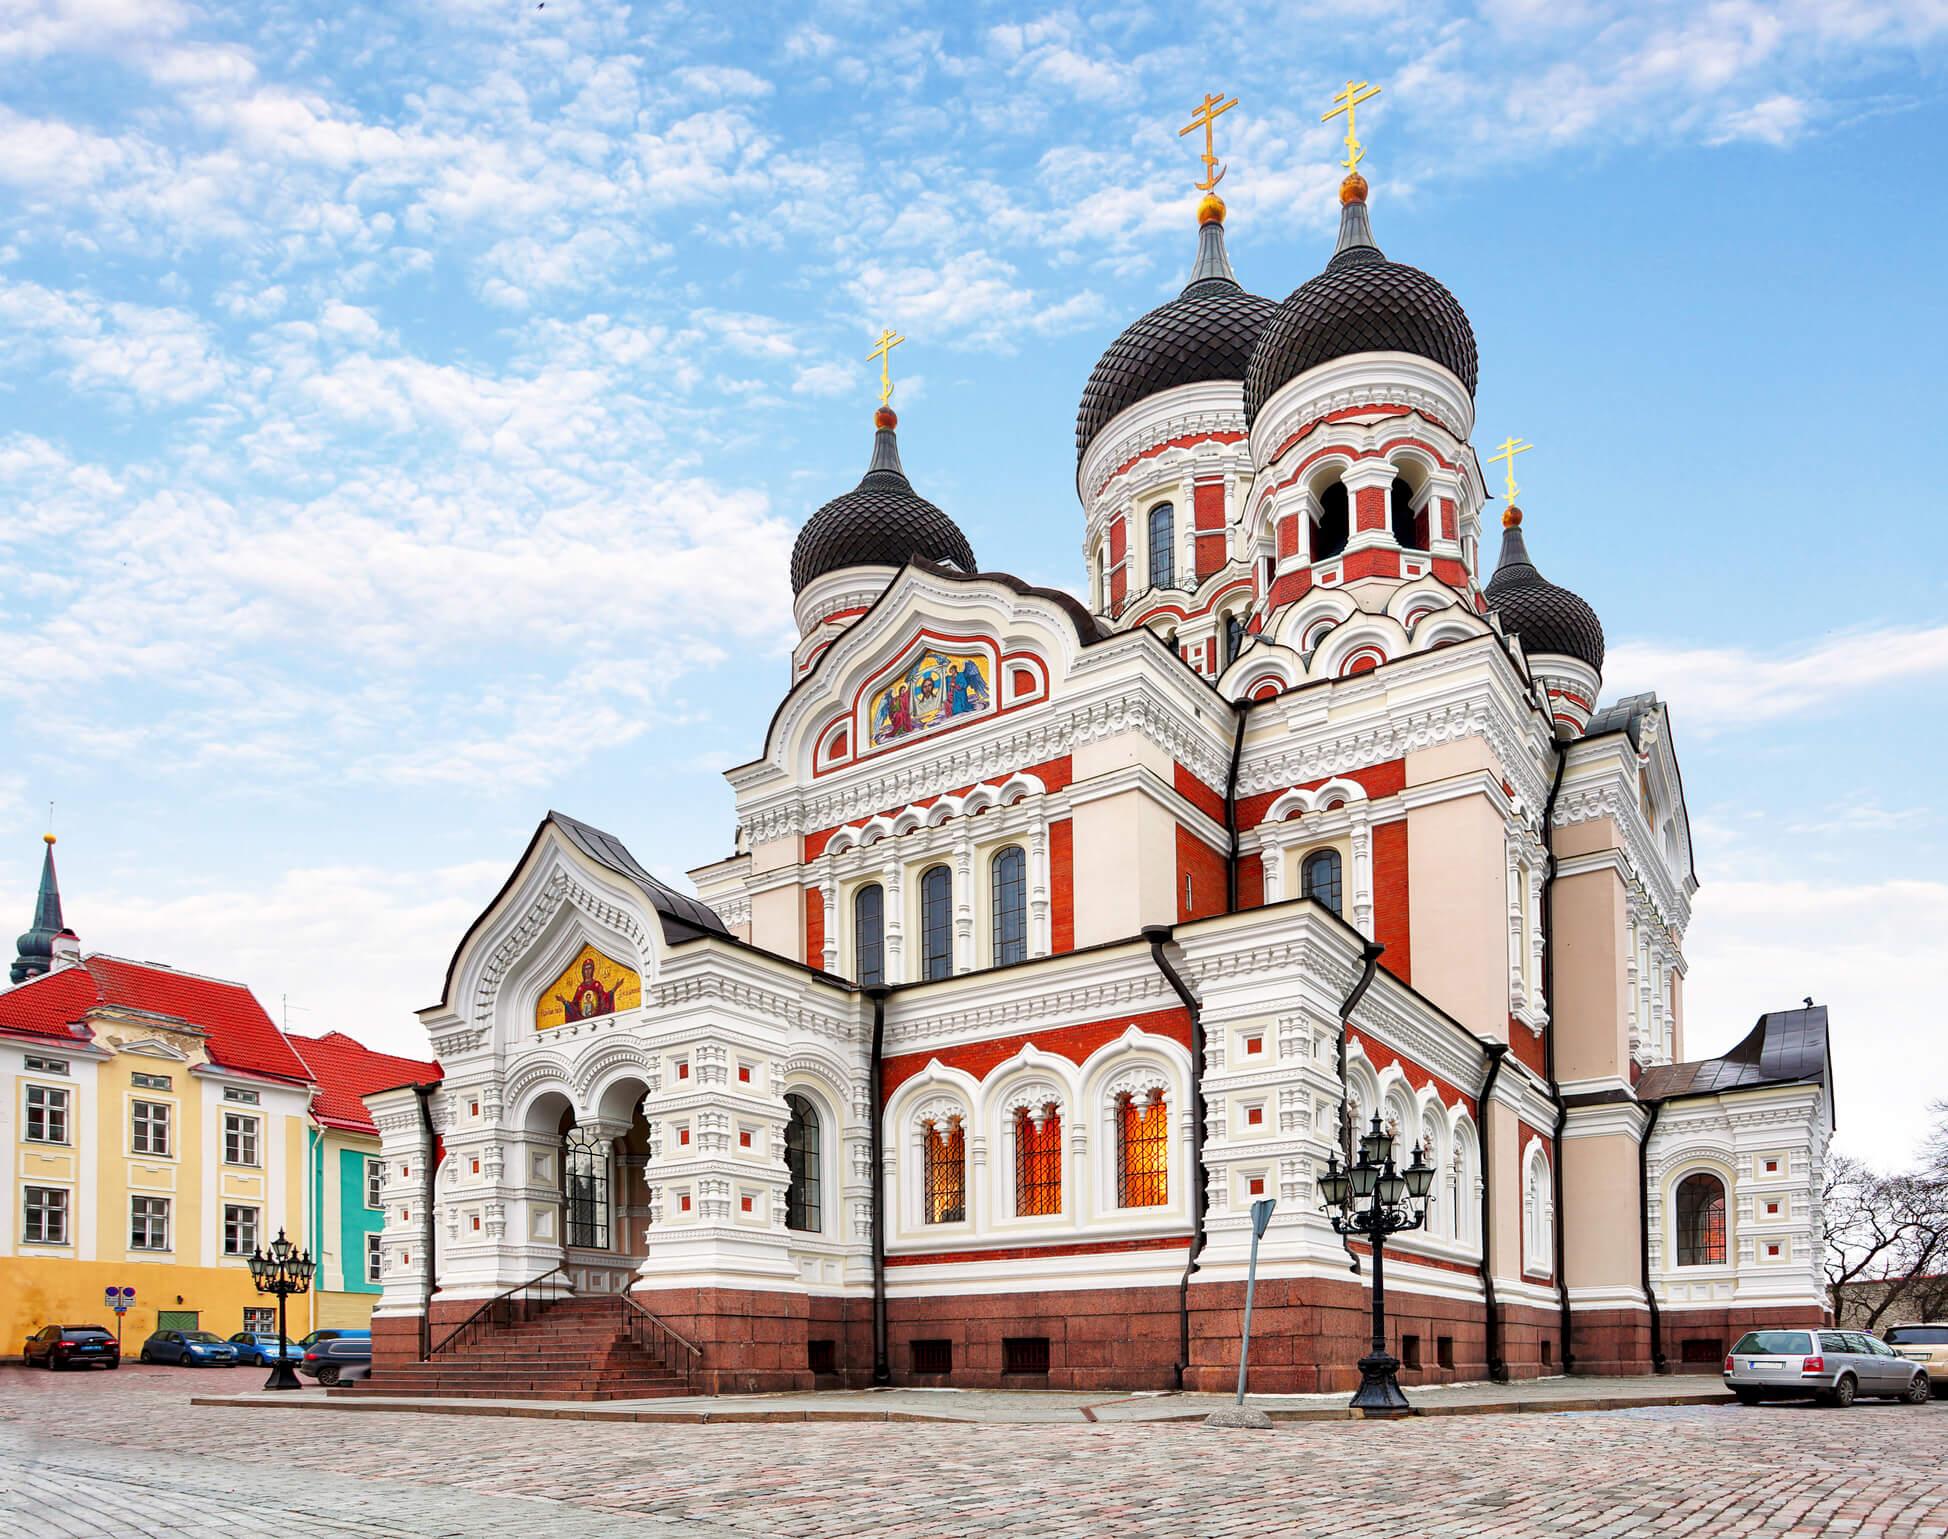 destinos europeos baratos Tallin 1